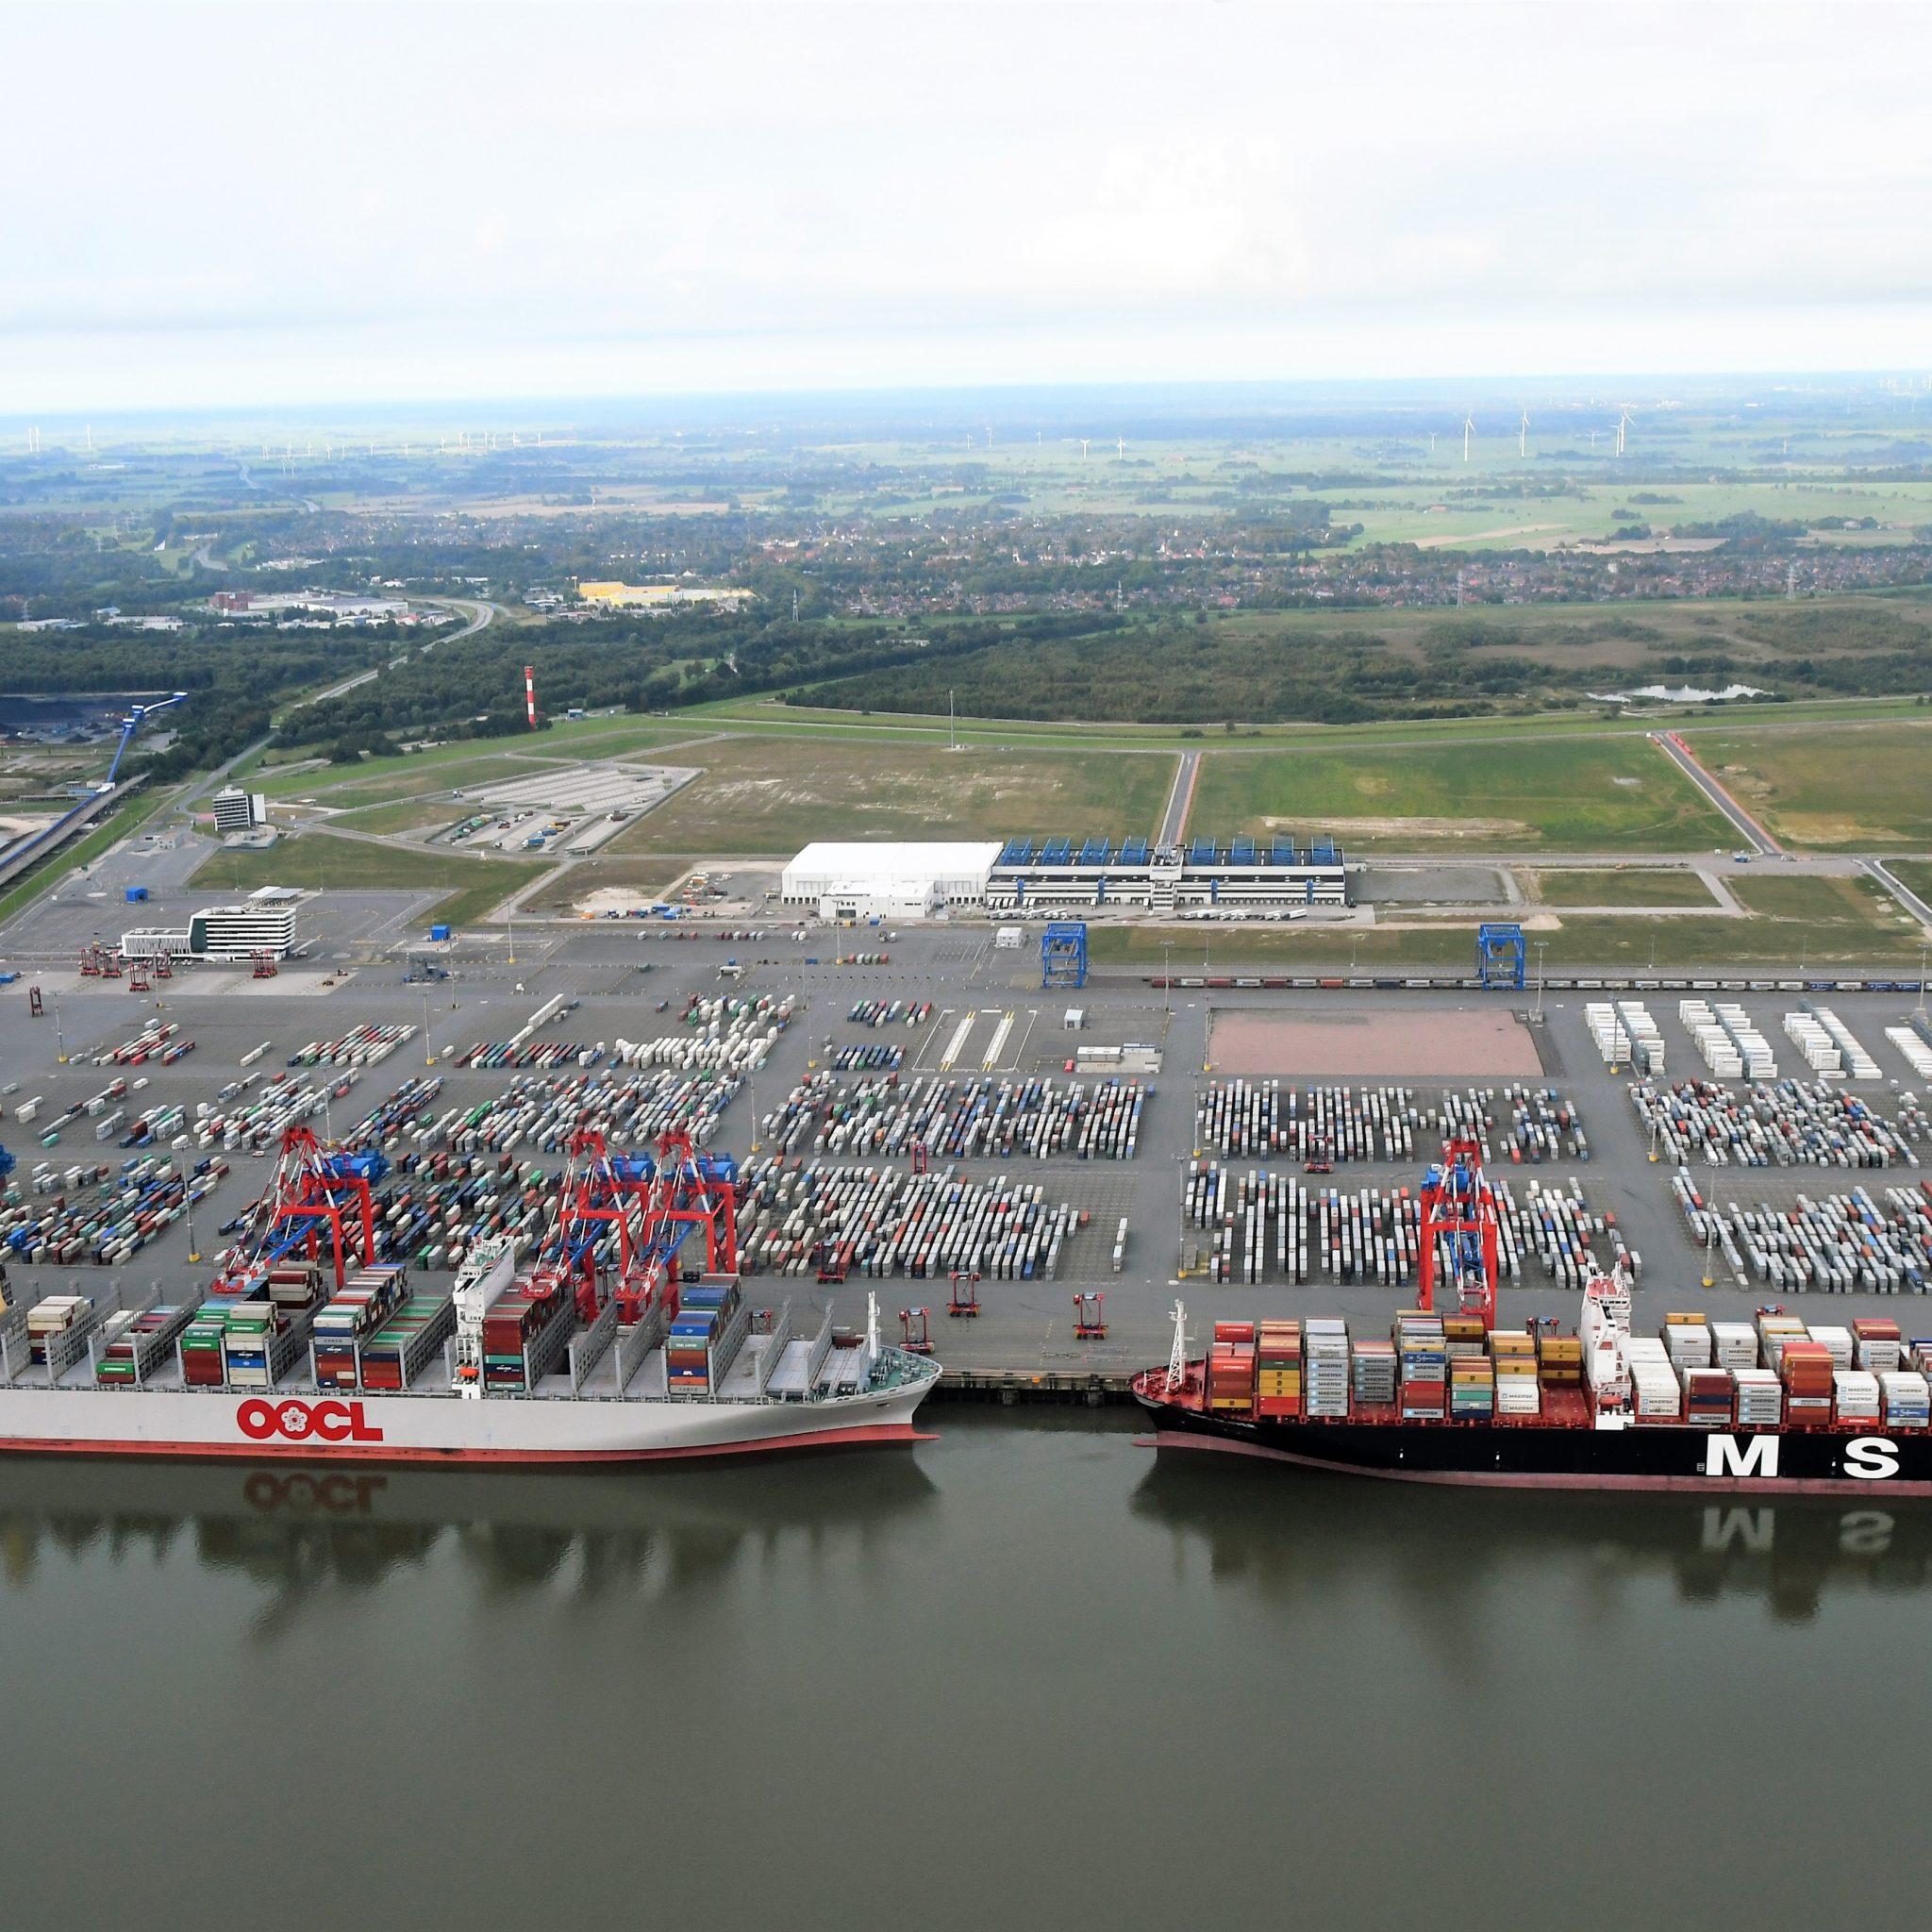 In verband met de 'verstopping' in Hamburg week MSC onlangs al uit naar Jade Weser Port in Wilhelmshaven. Maersk leidt de komende vier weken schepen om naar Bremerhaven. (Foto Jade Weser Port)